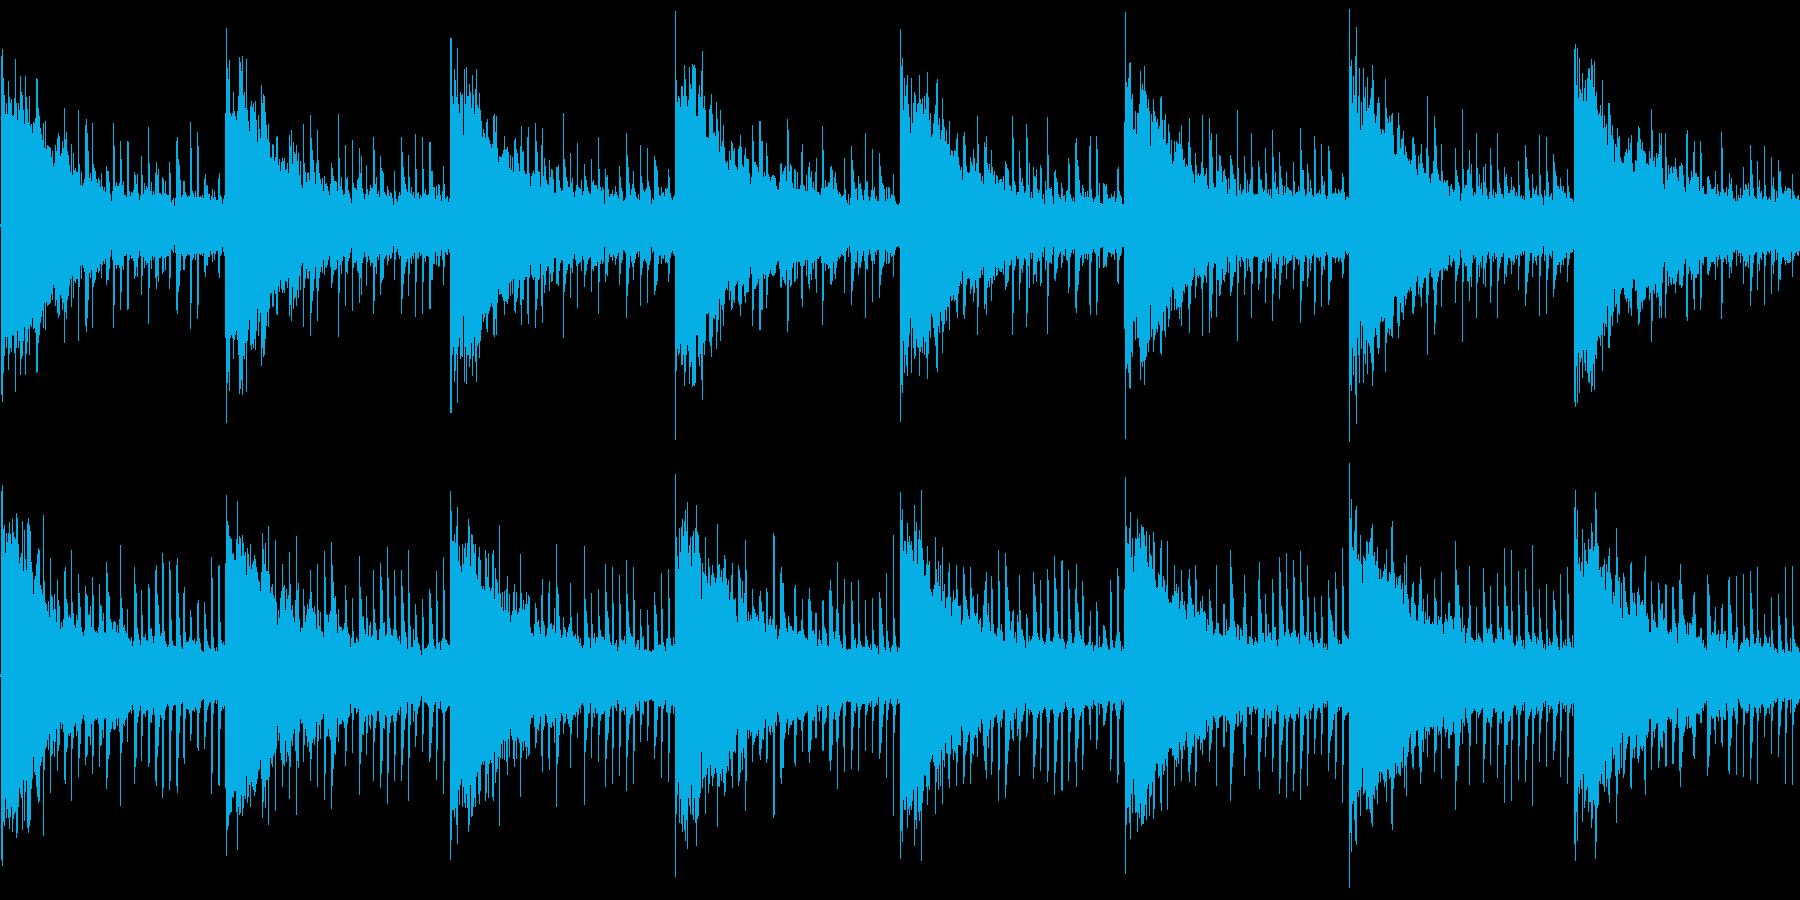 BGM002 ゲームでの洞窟や暗闇など…の再生済みの波形